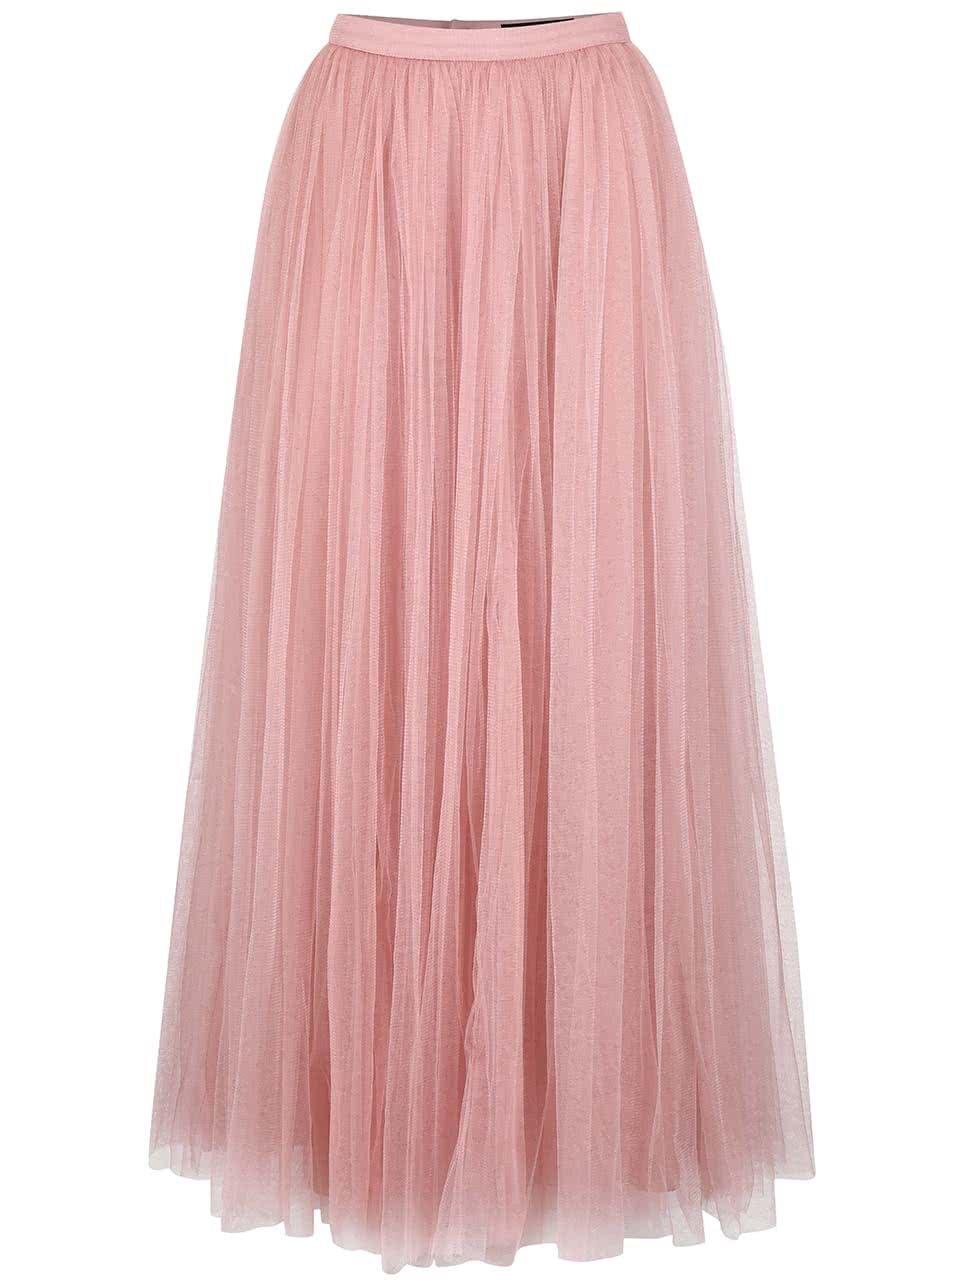 4731214f8c8e Ružová tylová maxi sukňa Little Mistress ...